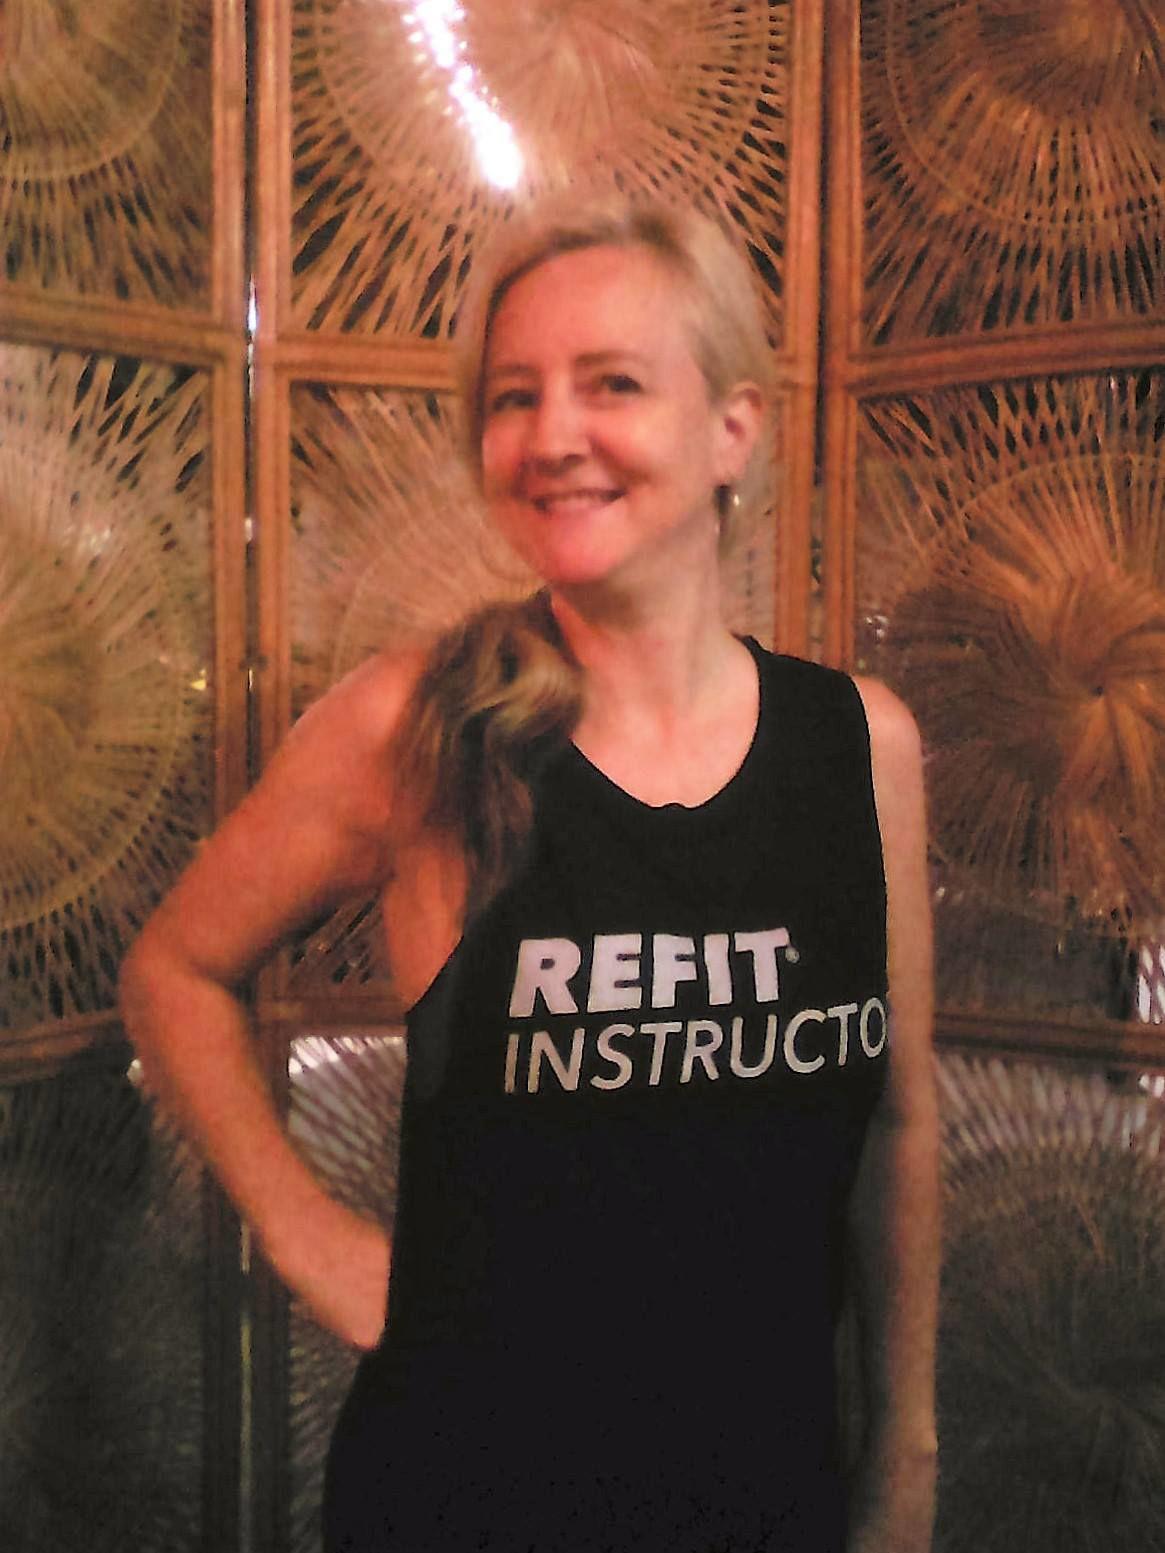 Reckart ready to teach